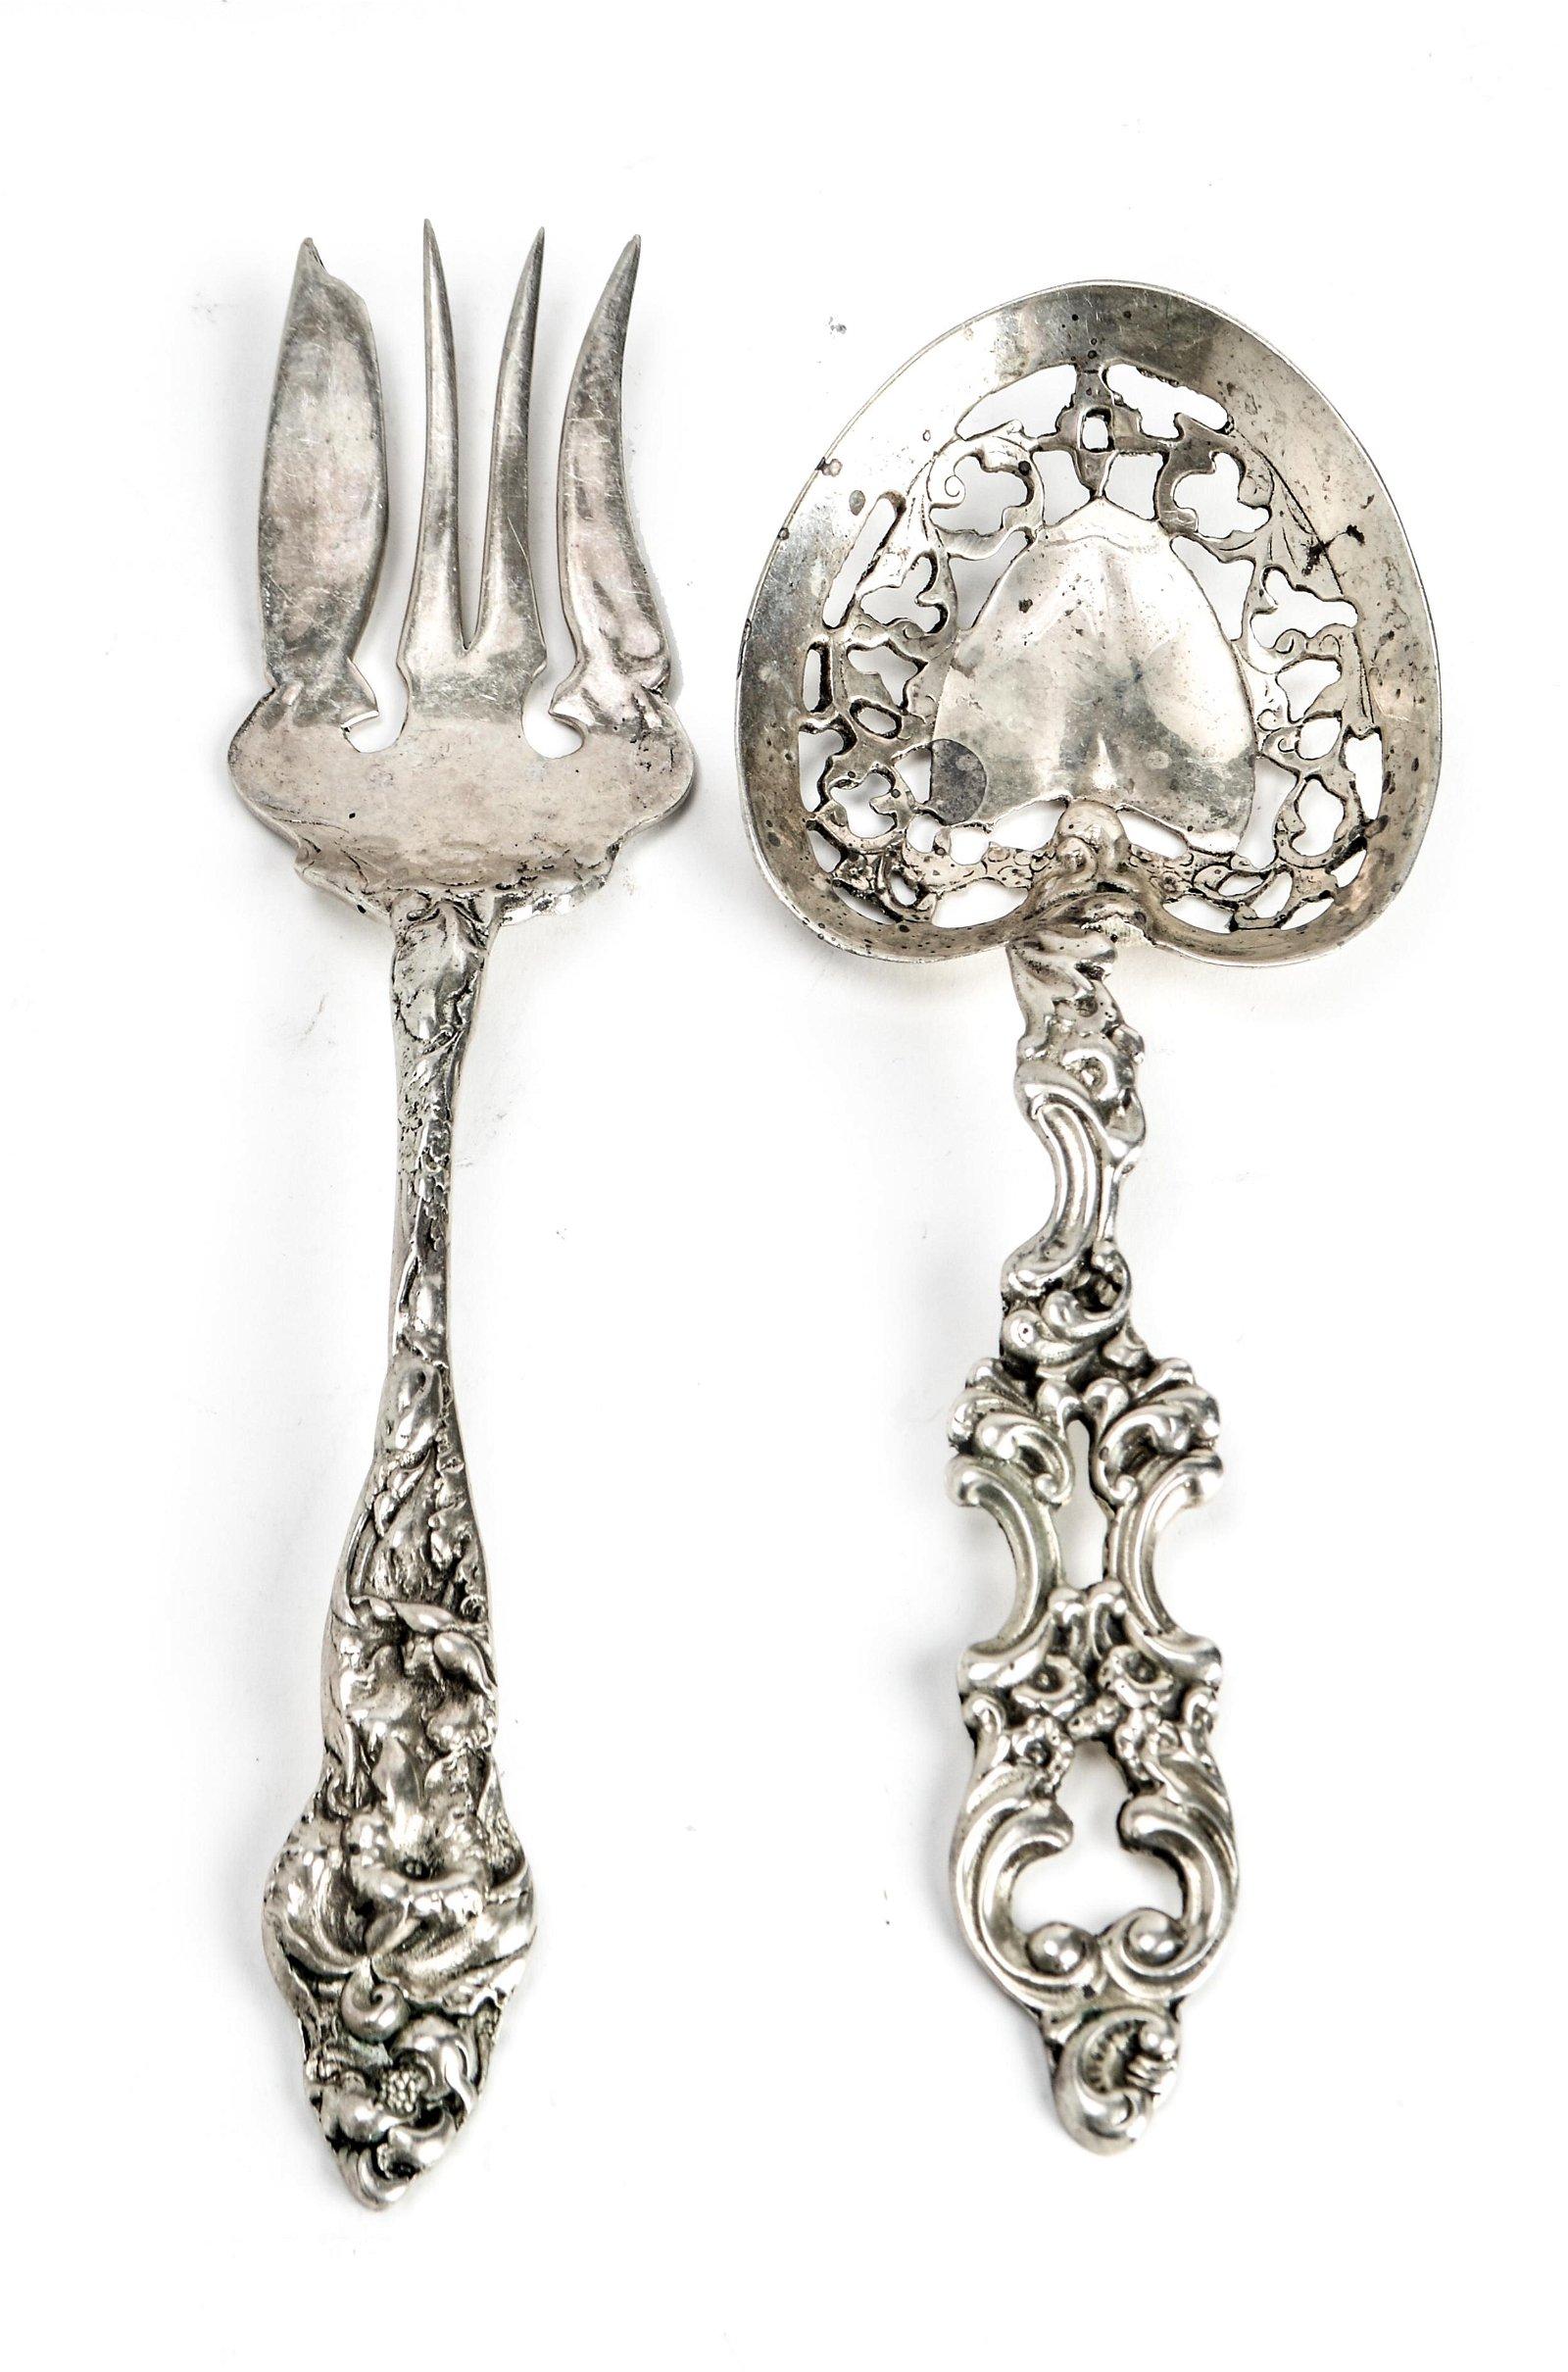 Silvercraft Art Nouveau Silver Serving Pieces, 2